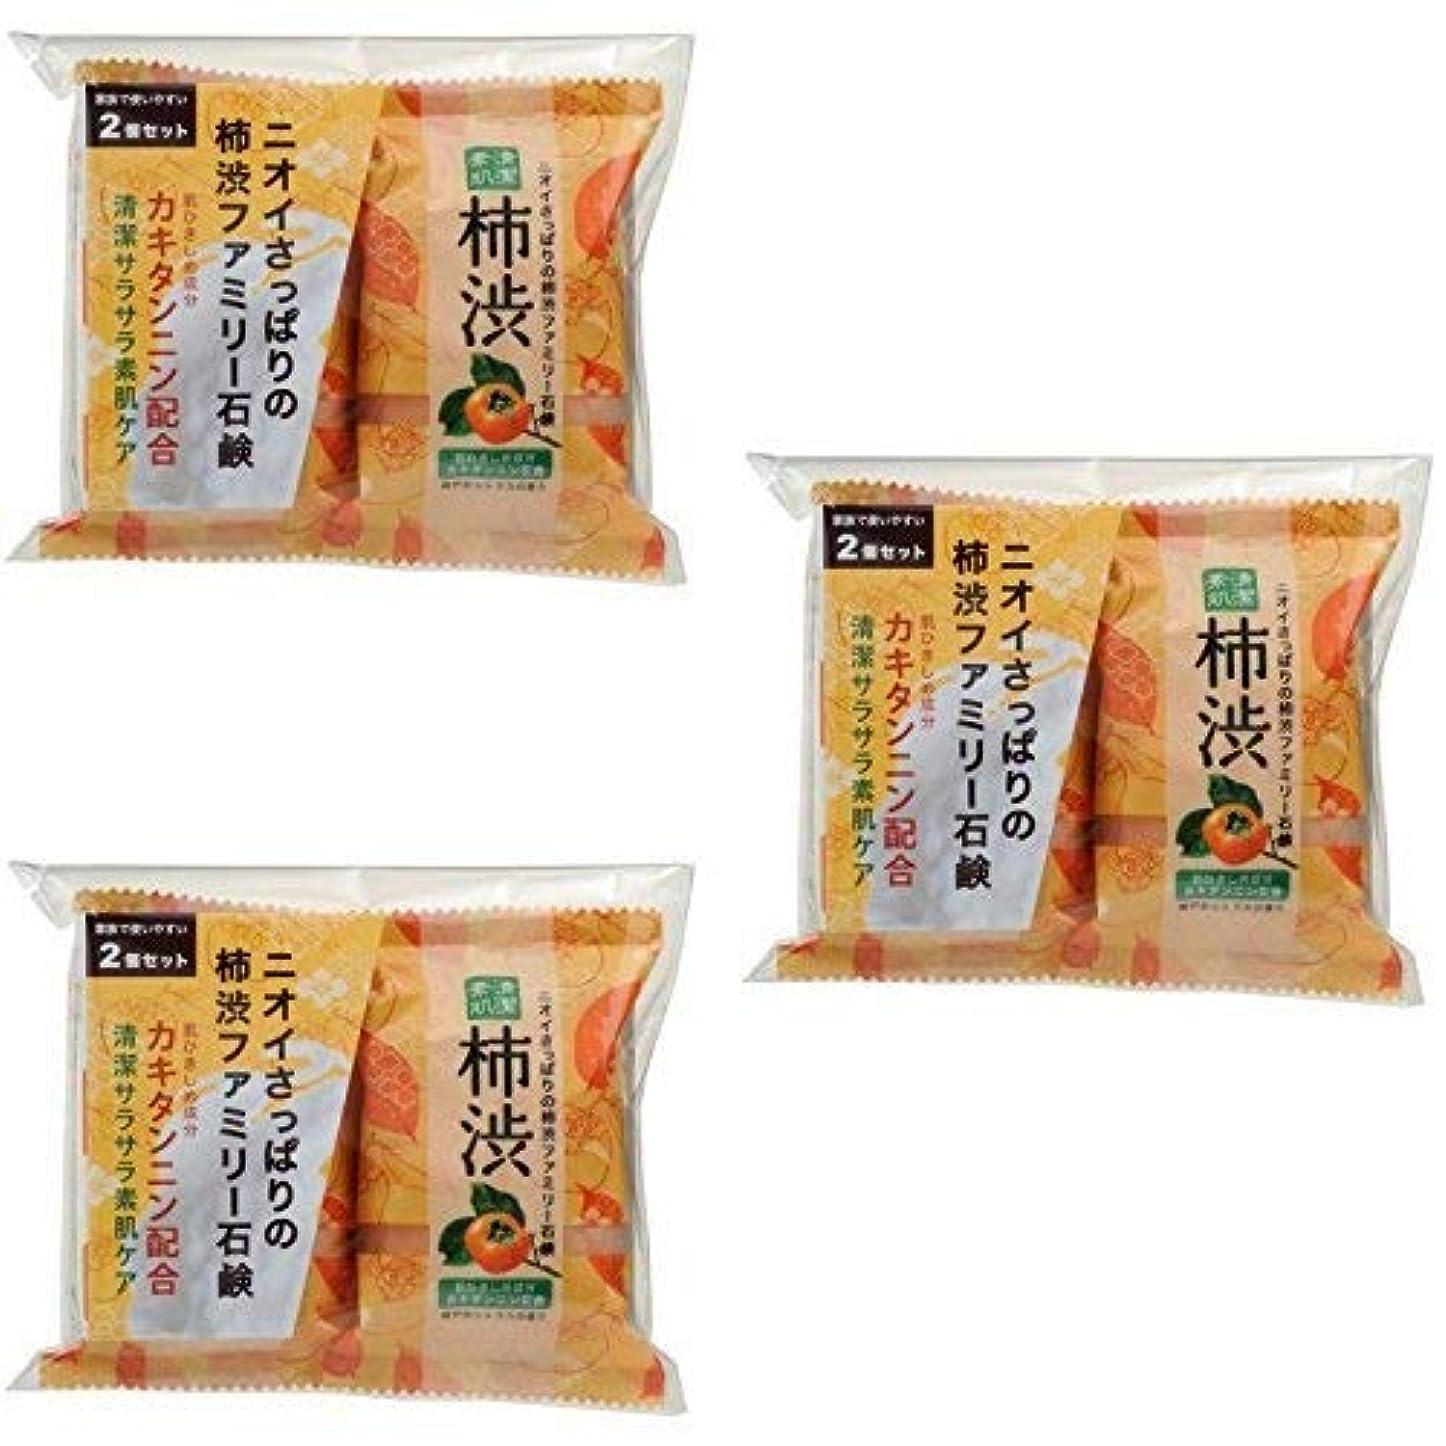 食欲スリーブ喉が渇いたペリカン石鹸 ファミリー柿渋石鹸 80gX2【3個セット】